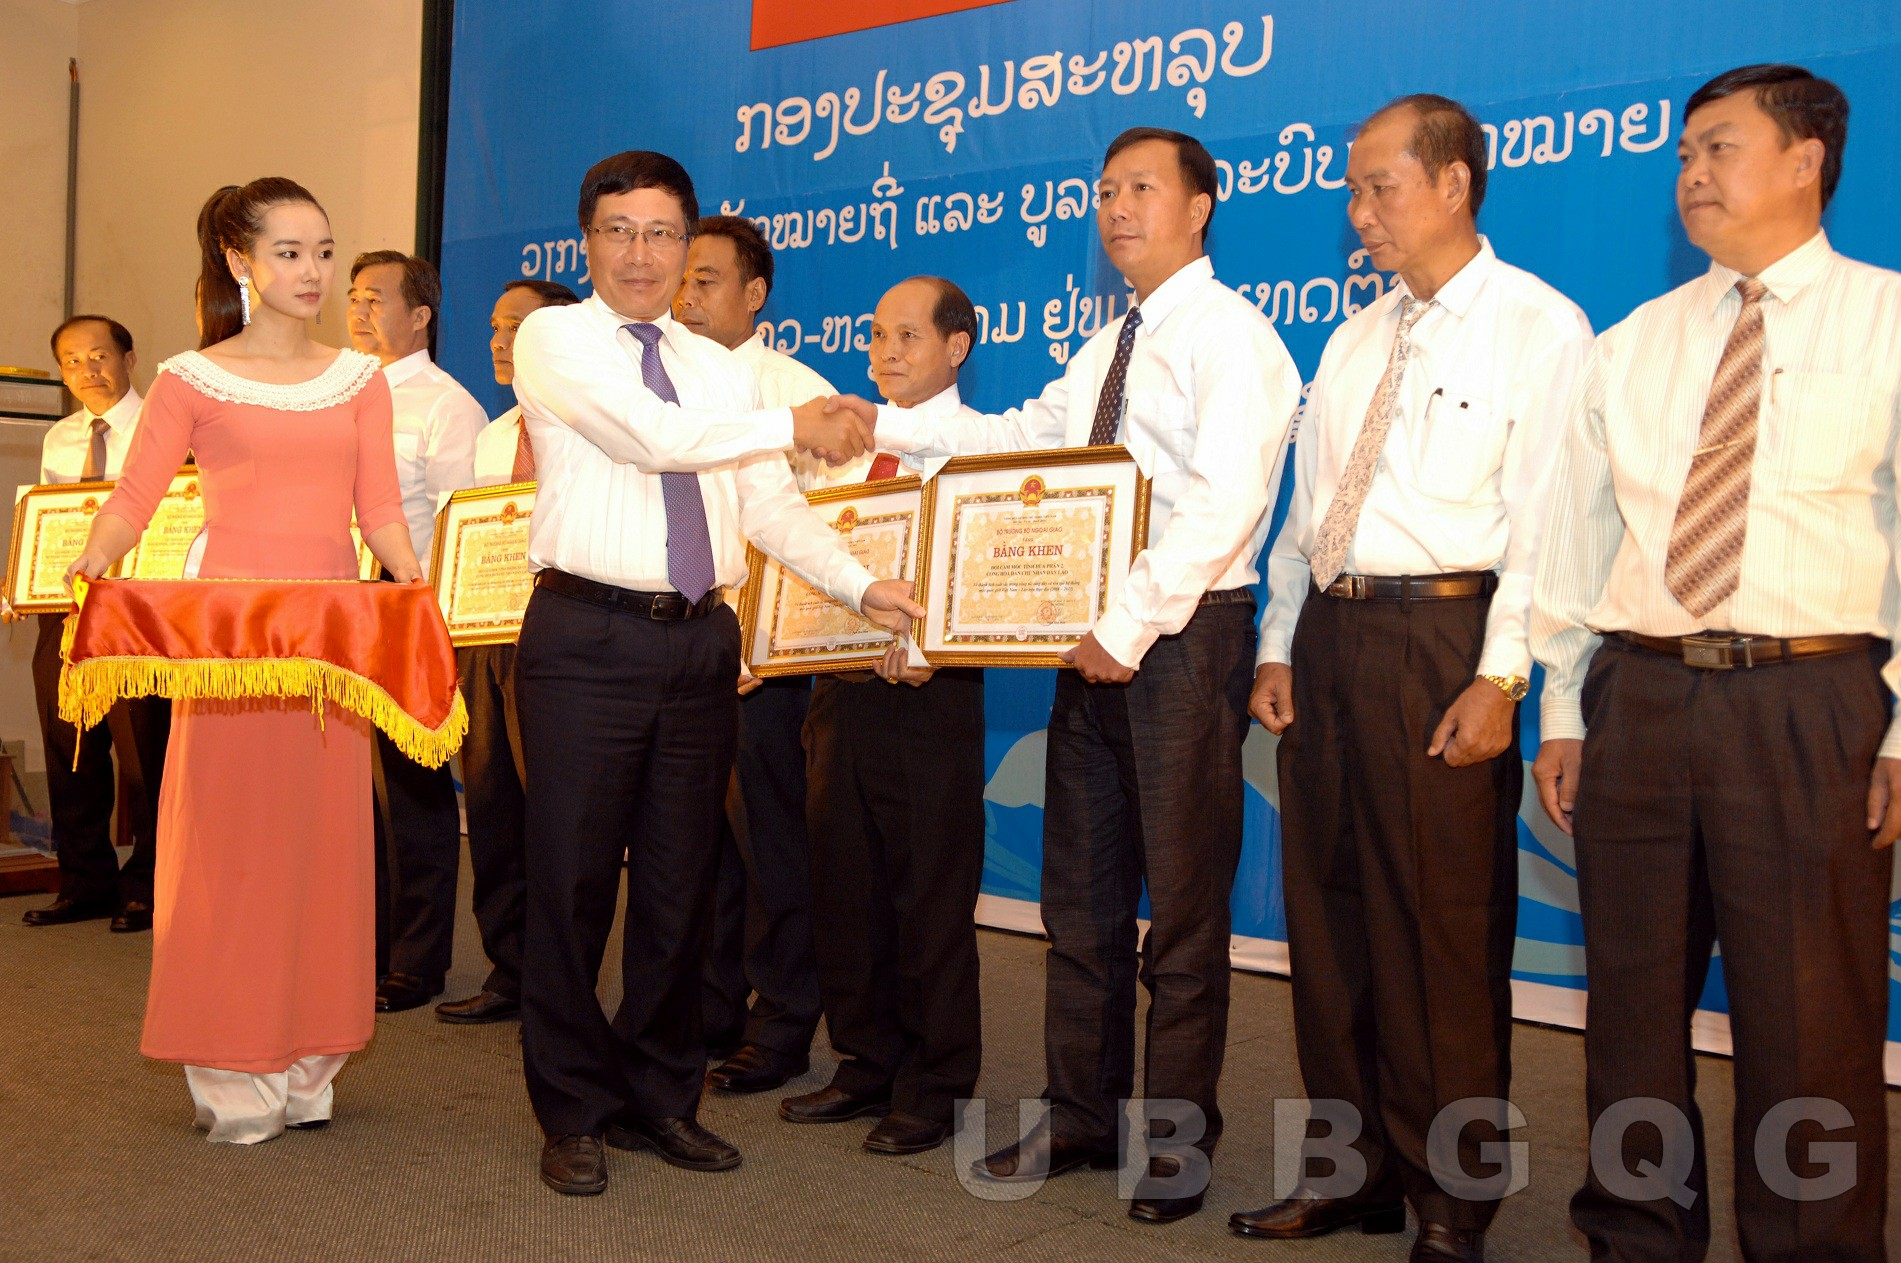 Phó Thủ tướng, Bộ trưởng Bộ Ngoại giao Việt Nam Phạm Bình Minh trao bằng khen cho cán bộ có thành tích trong công tác tăng dày và tôn tạo mốc biên giới Việt Nam – Lào, năm 2013.